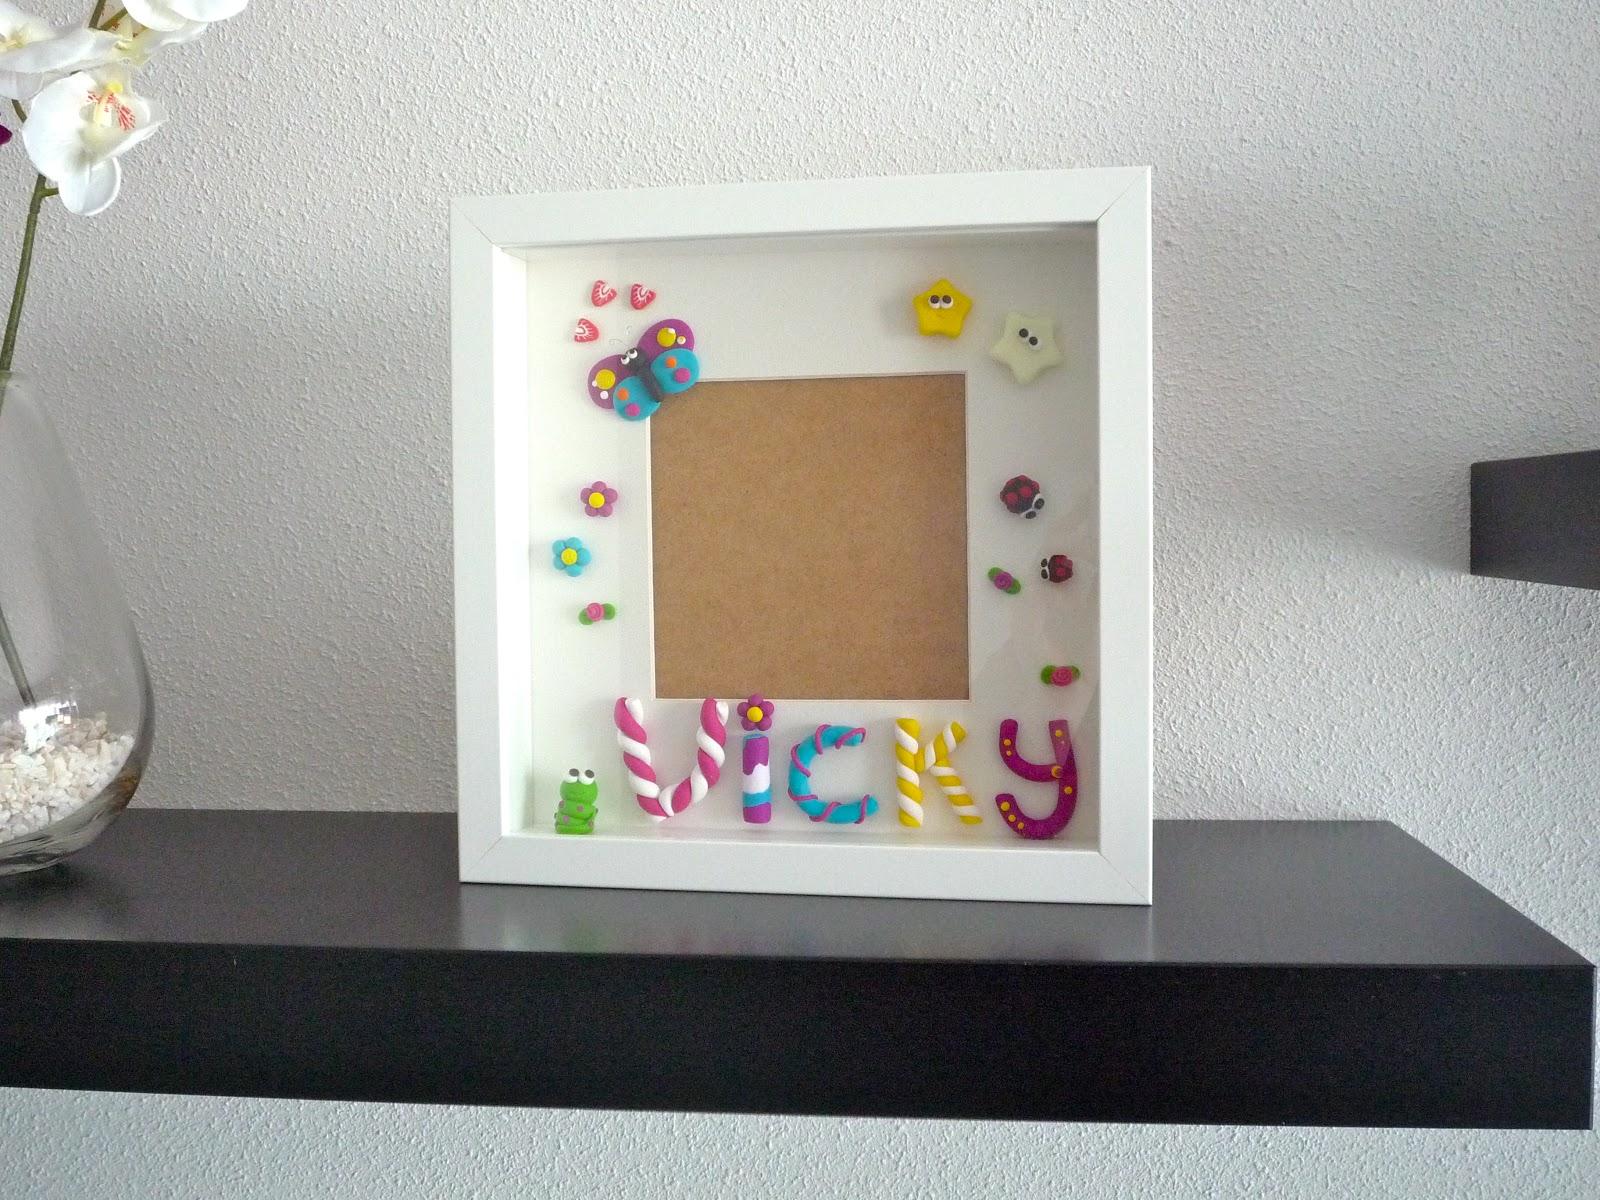 Lda Lera Cuadro decorado para Vicky